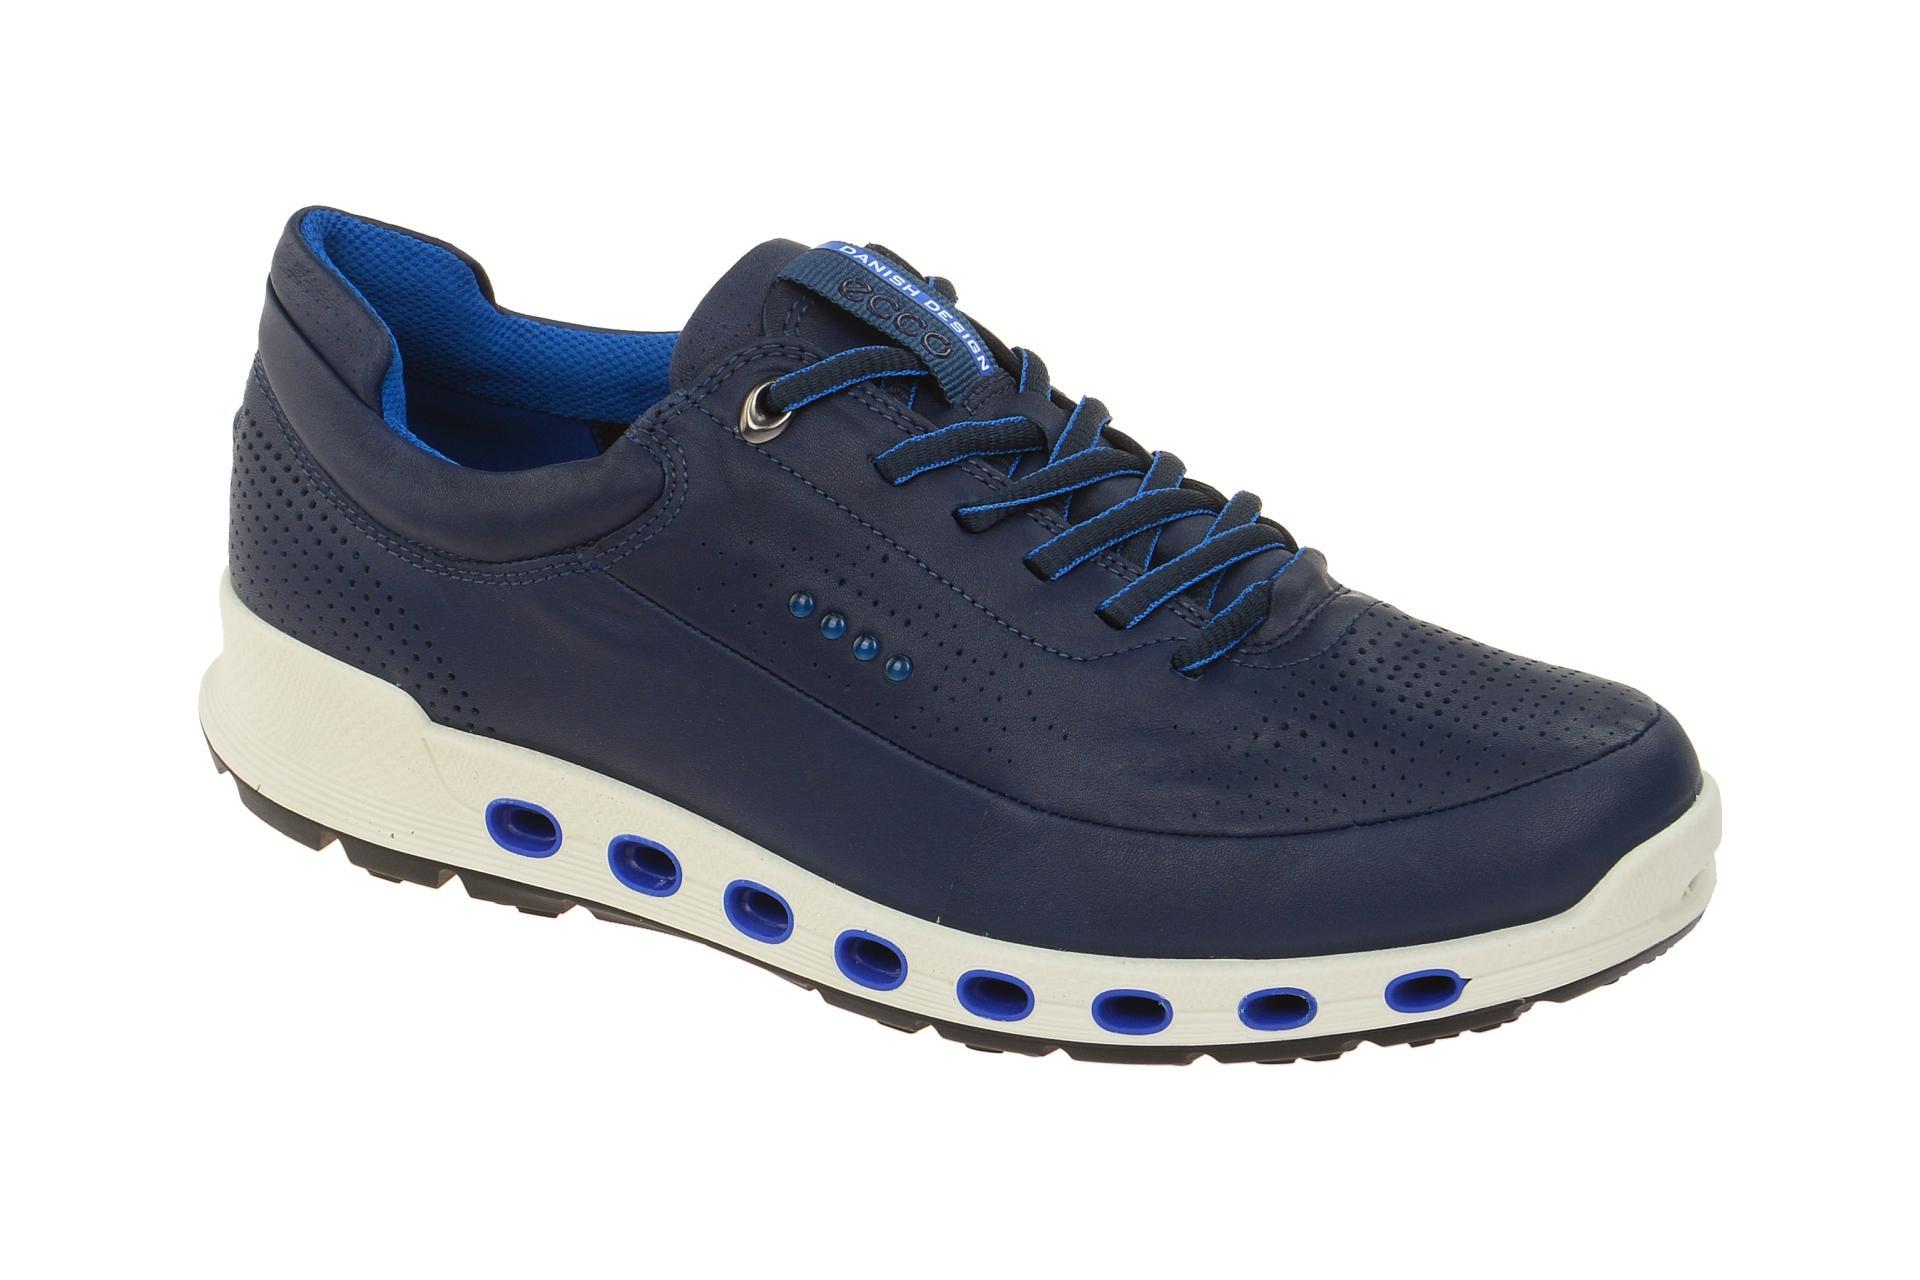 4ccb8414238416 ecco Cool 2 Schuhe blau Herren GORE-TEX Surround - Schuhhaus Strauch Shop